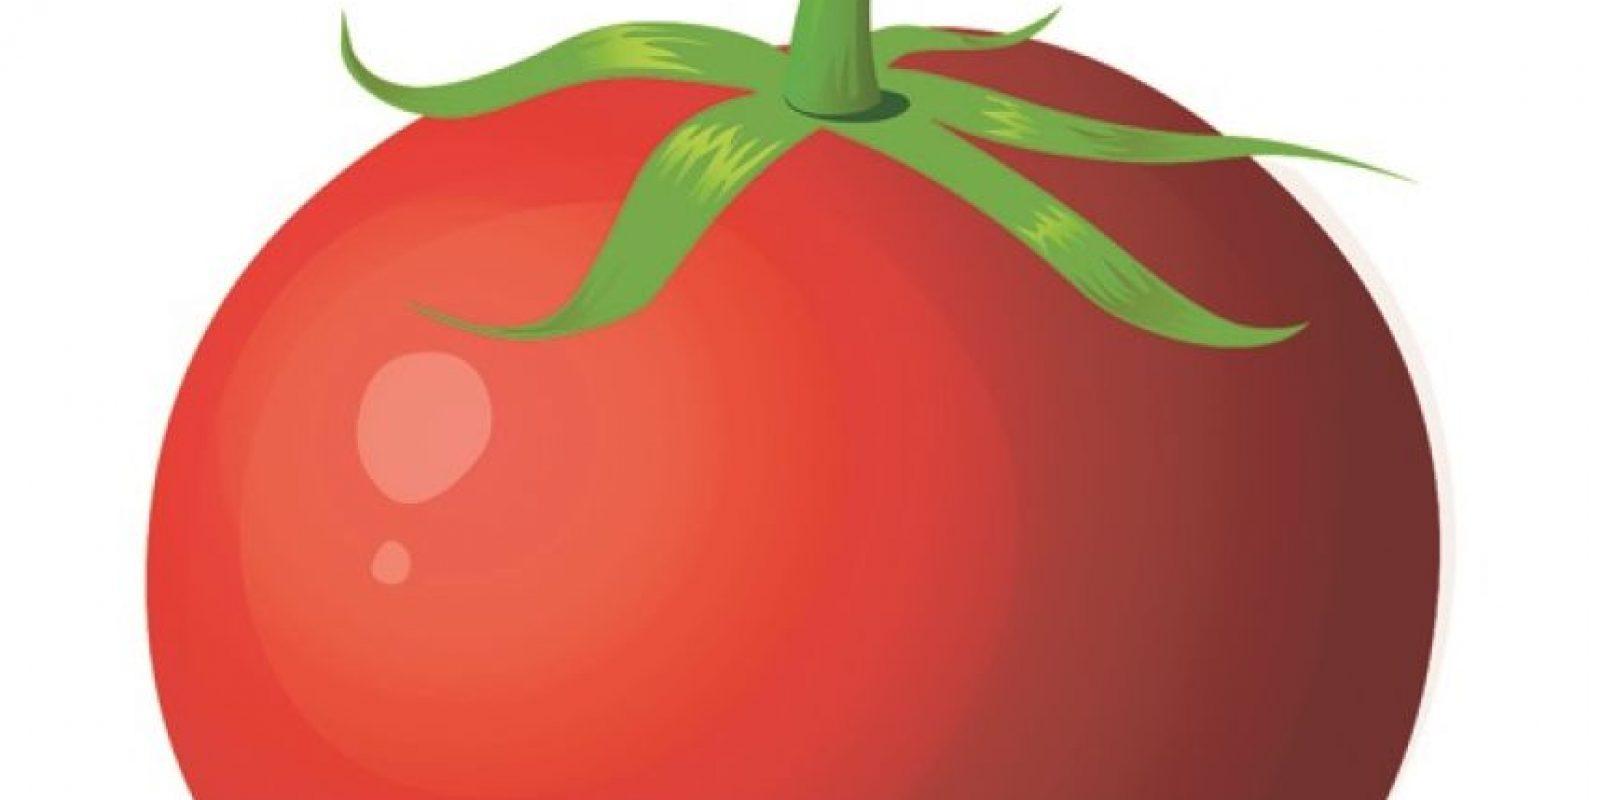 3-Frutas y Verduras crudas. Las frutas y verduras que contienen mucha agua se convertirán en hielo en el congelador y no se descongelarán bien. En vez de eso, se pondrán blanditas y pastosas.